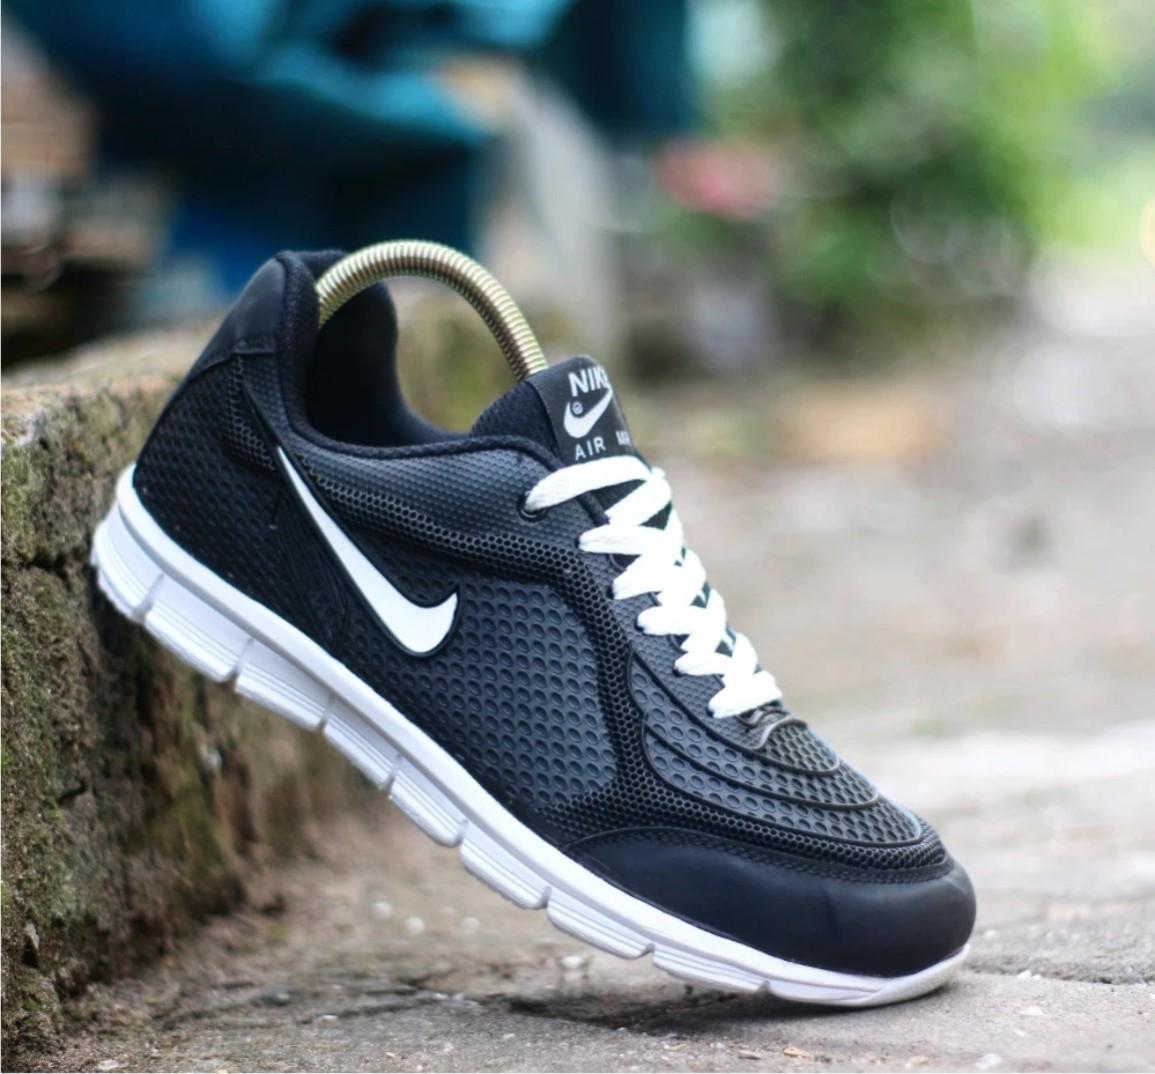 Sepatu Sport Pria Keren Berkualitas - CUCI GUDANG